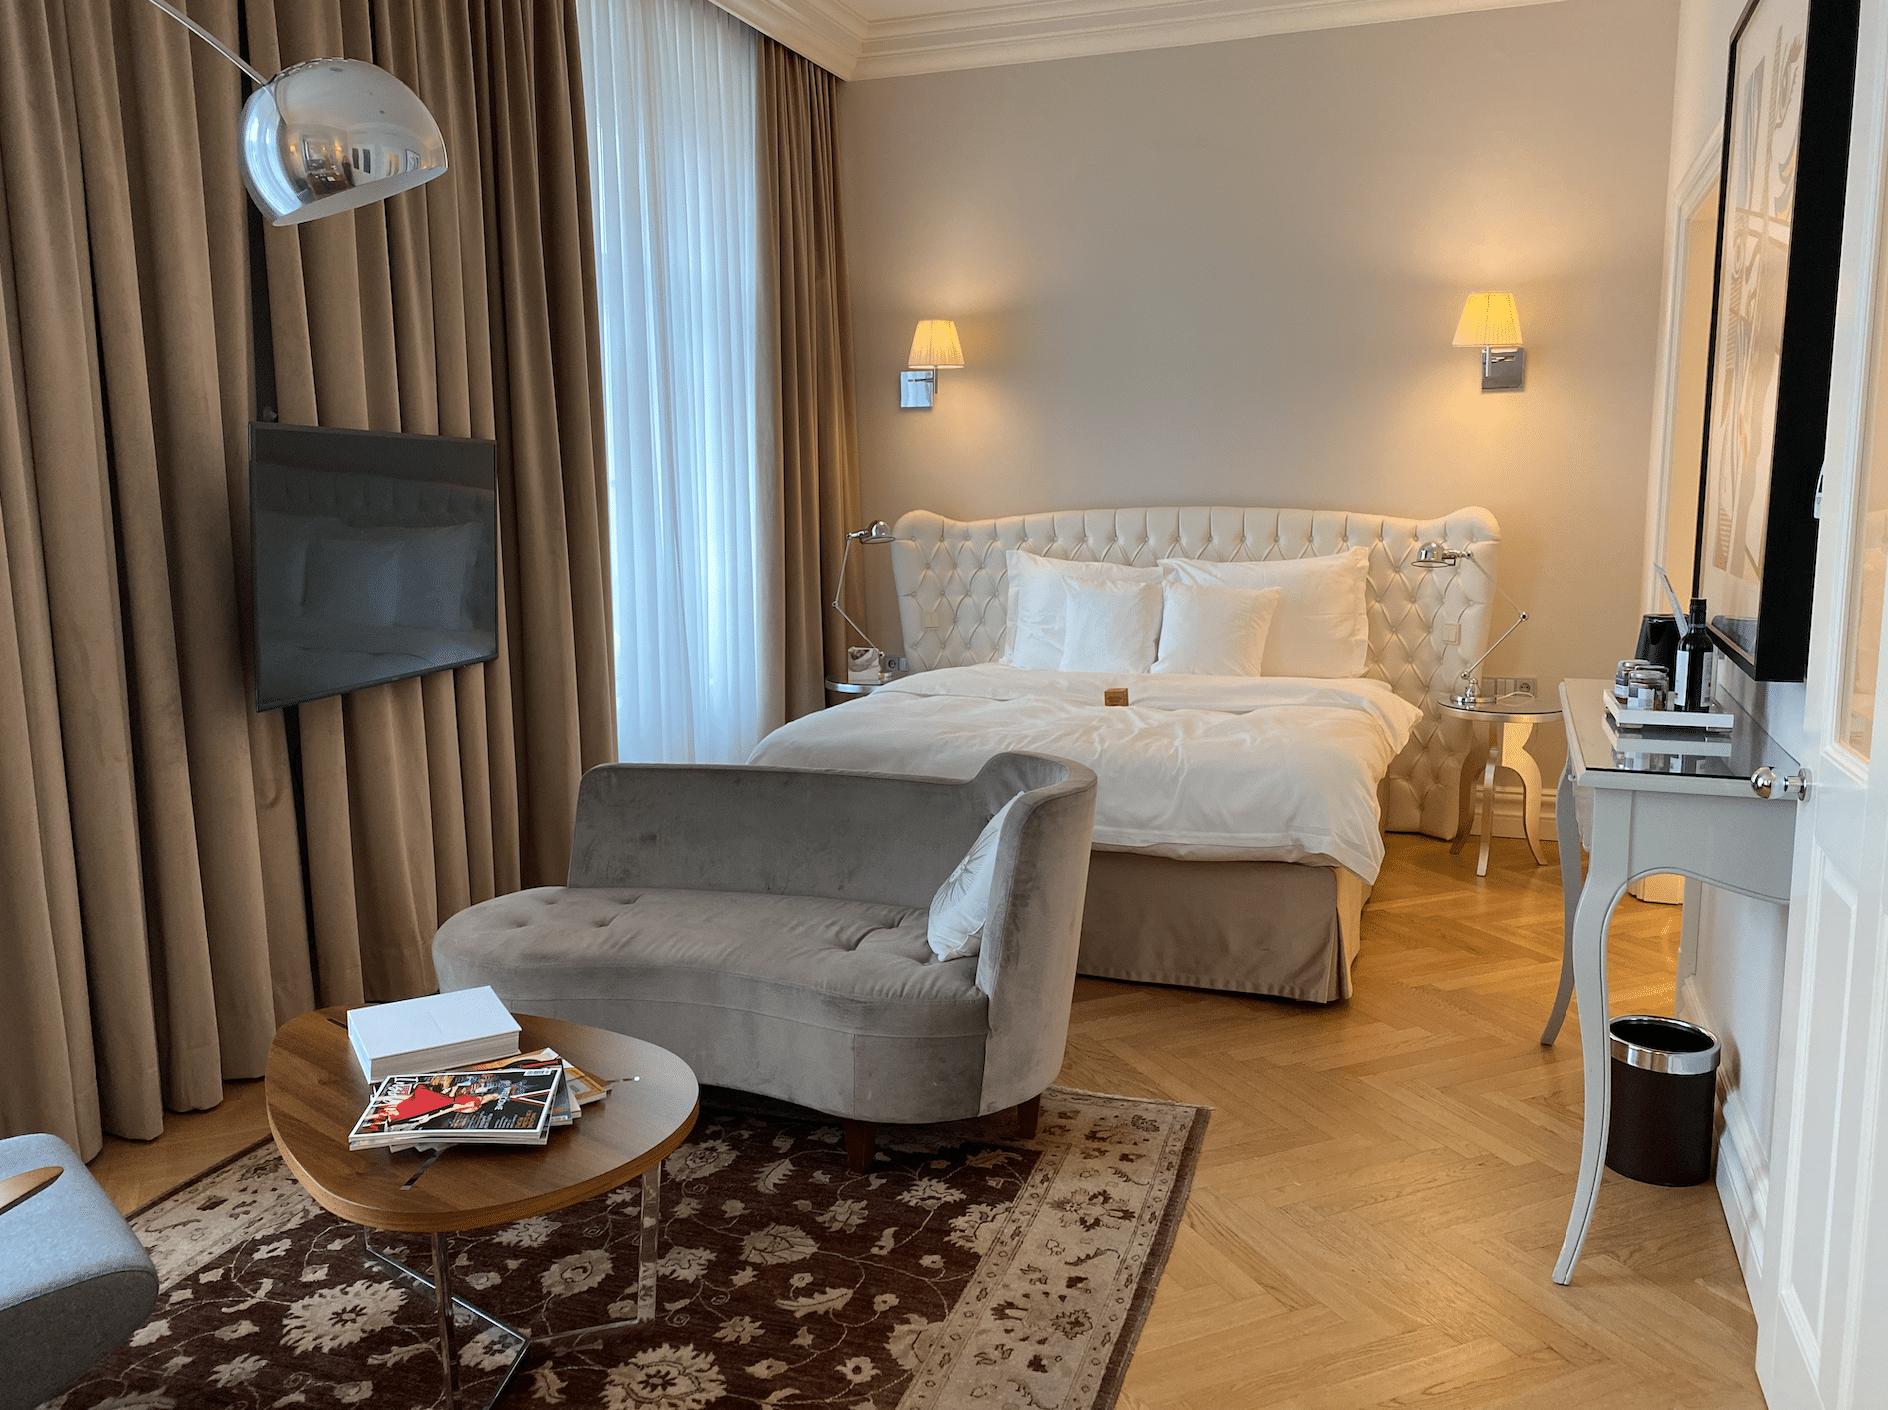 -sterreich-will-Hotelaufenthalte-mit-Corona-Test-erm-glichen